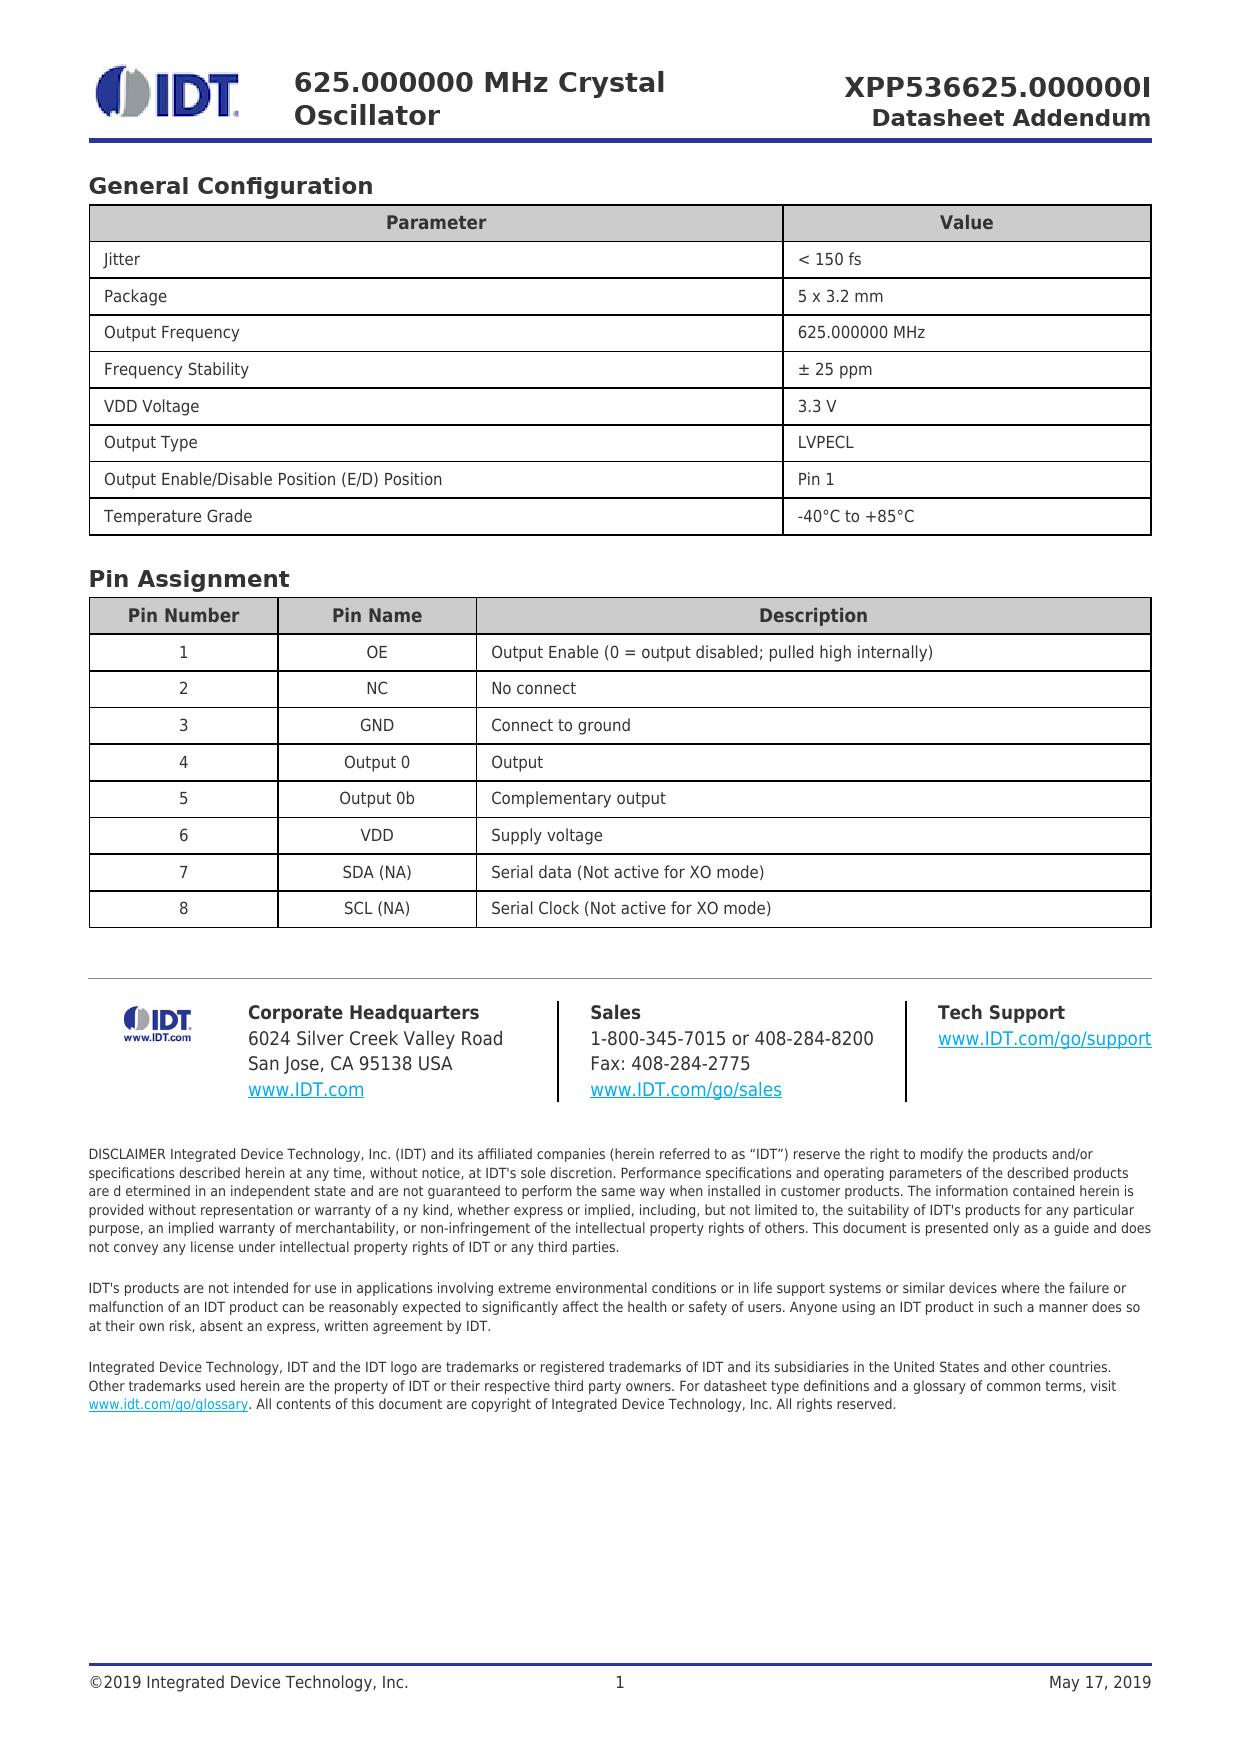 Datasheet Addendum XPP536625.000000I IDT, Revision: 20190520